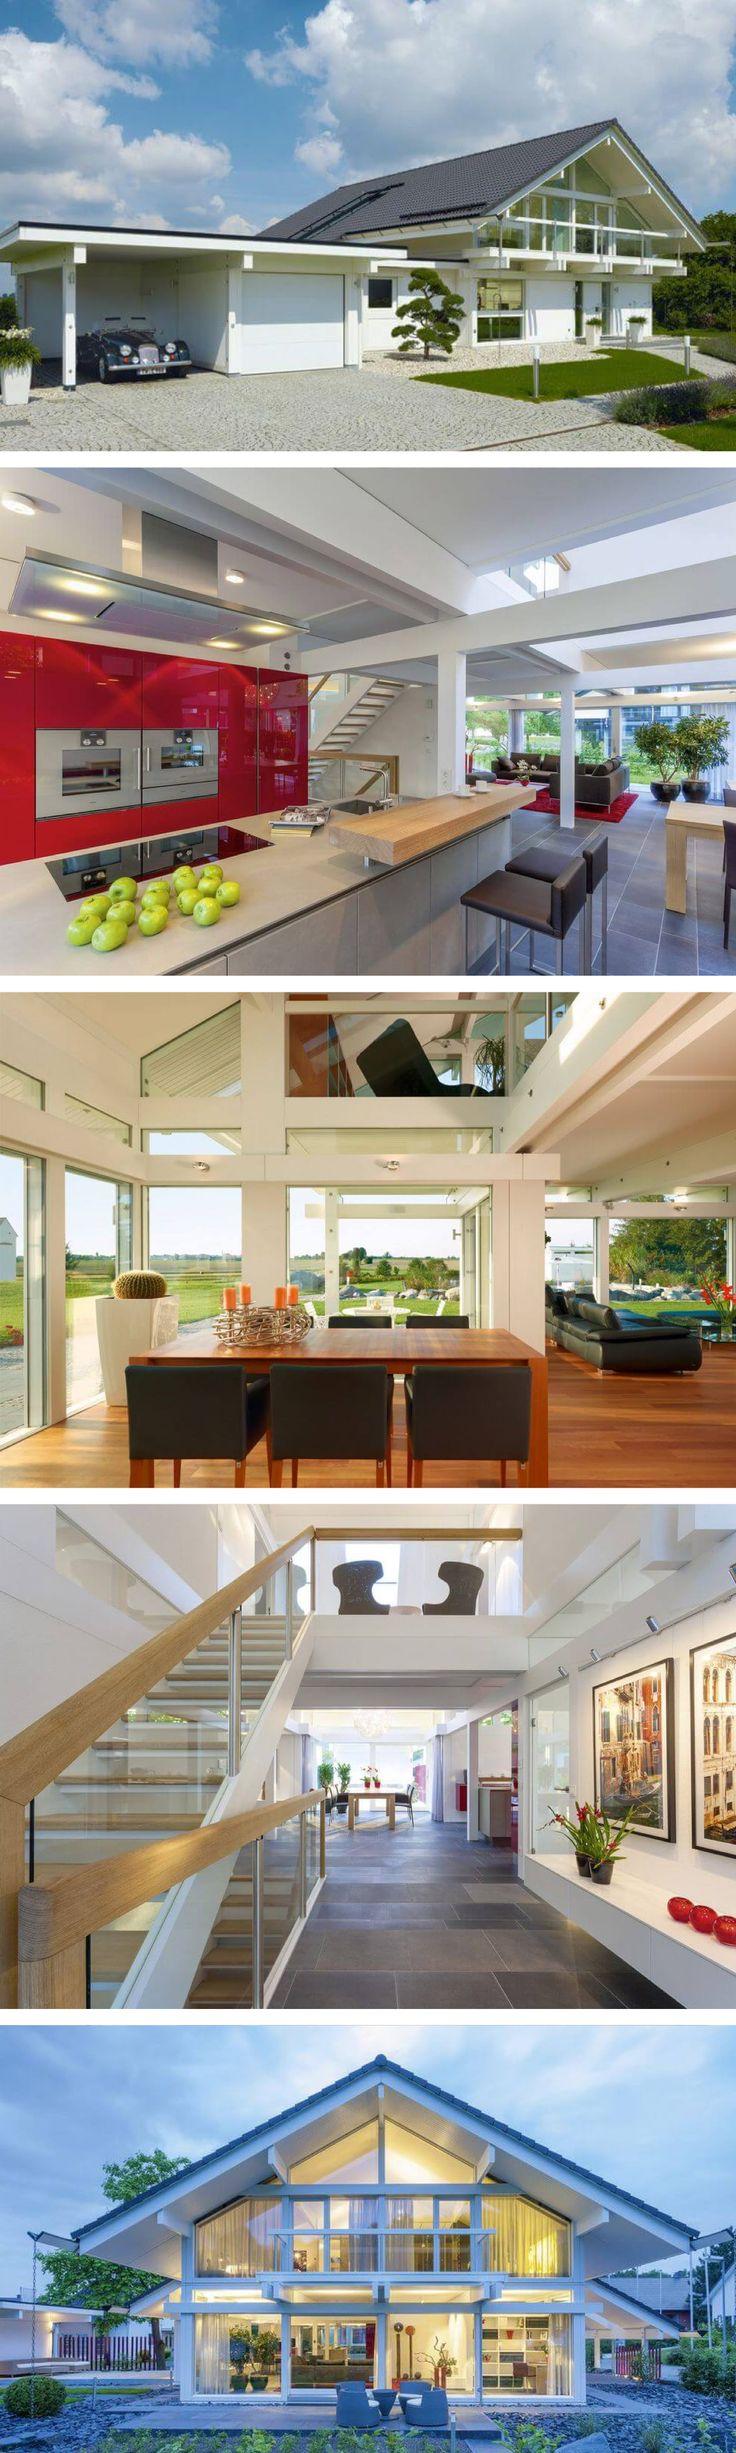 71 besten Häuser Bilder auf Pinterest   Moderne häuser, Stadtvilla ...